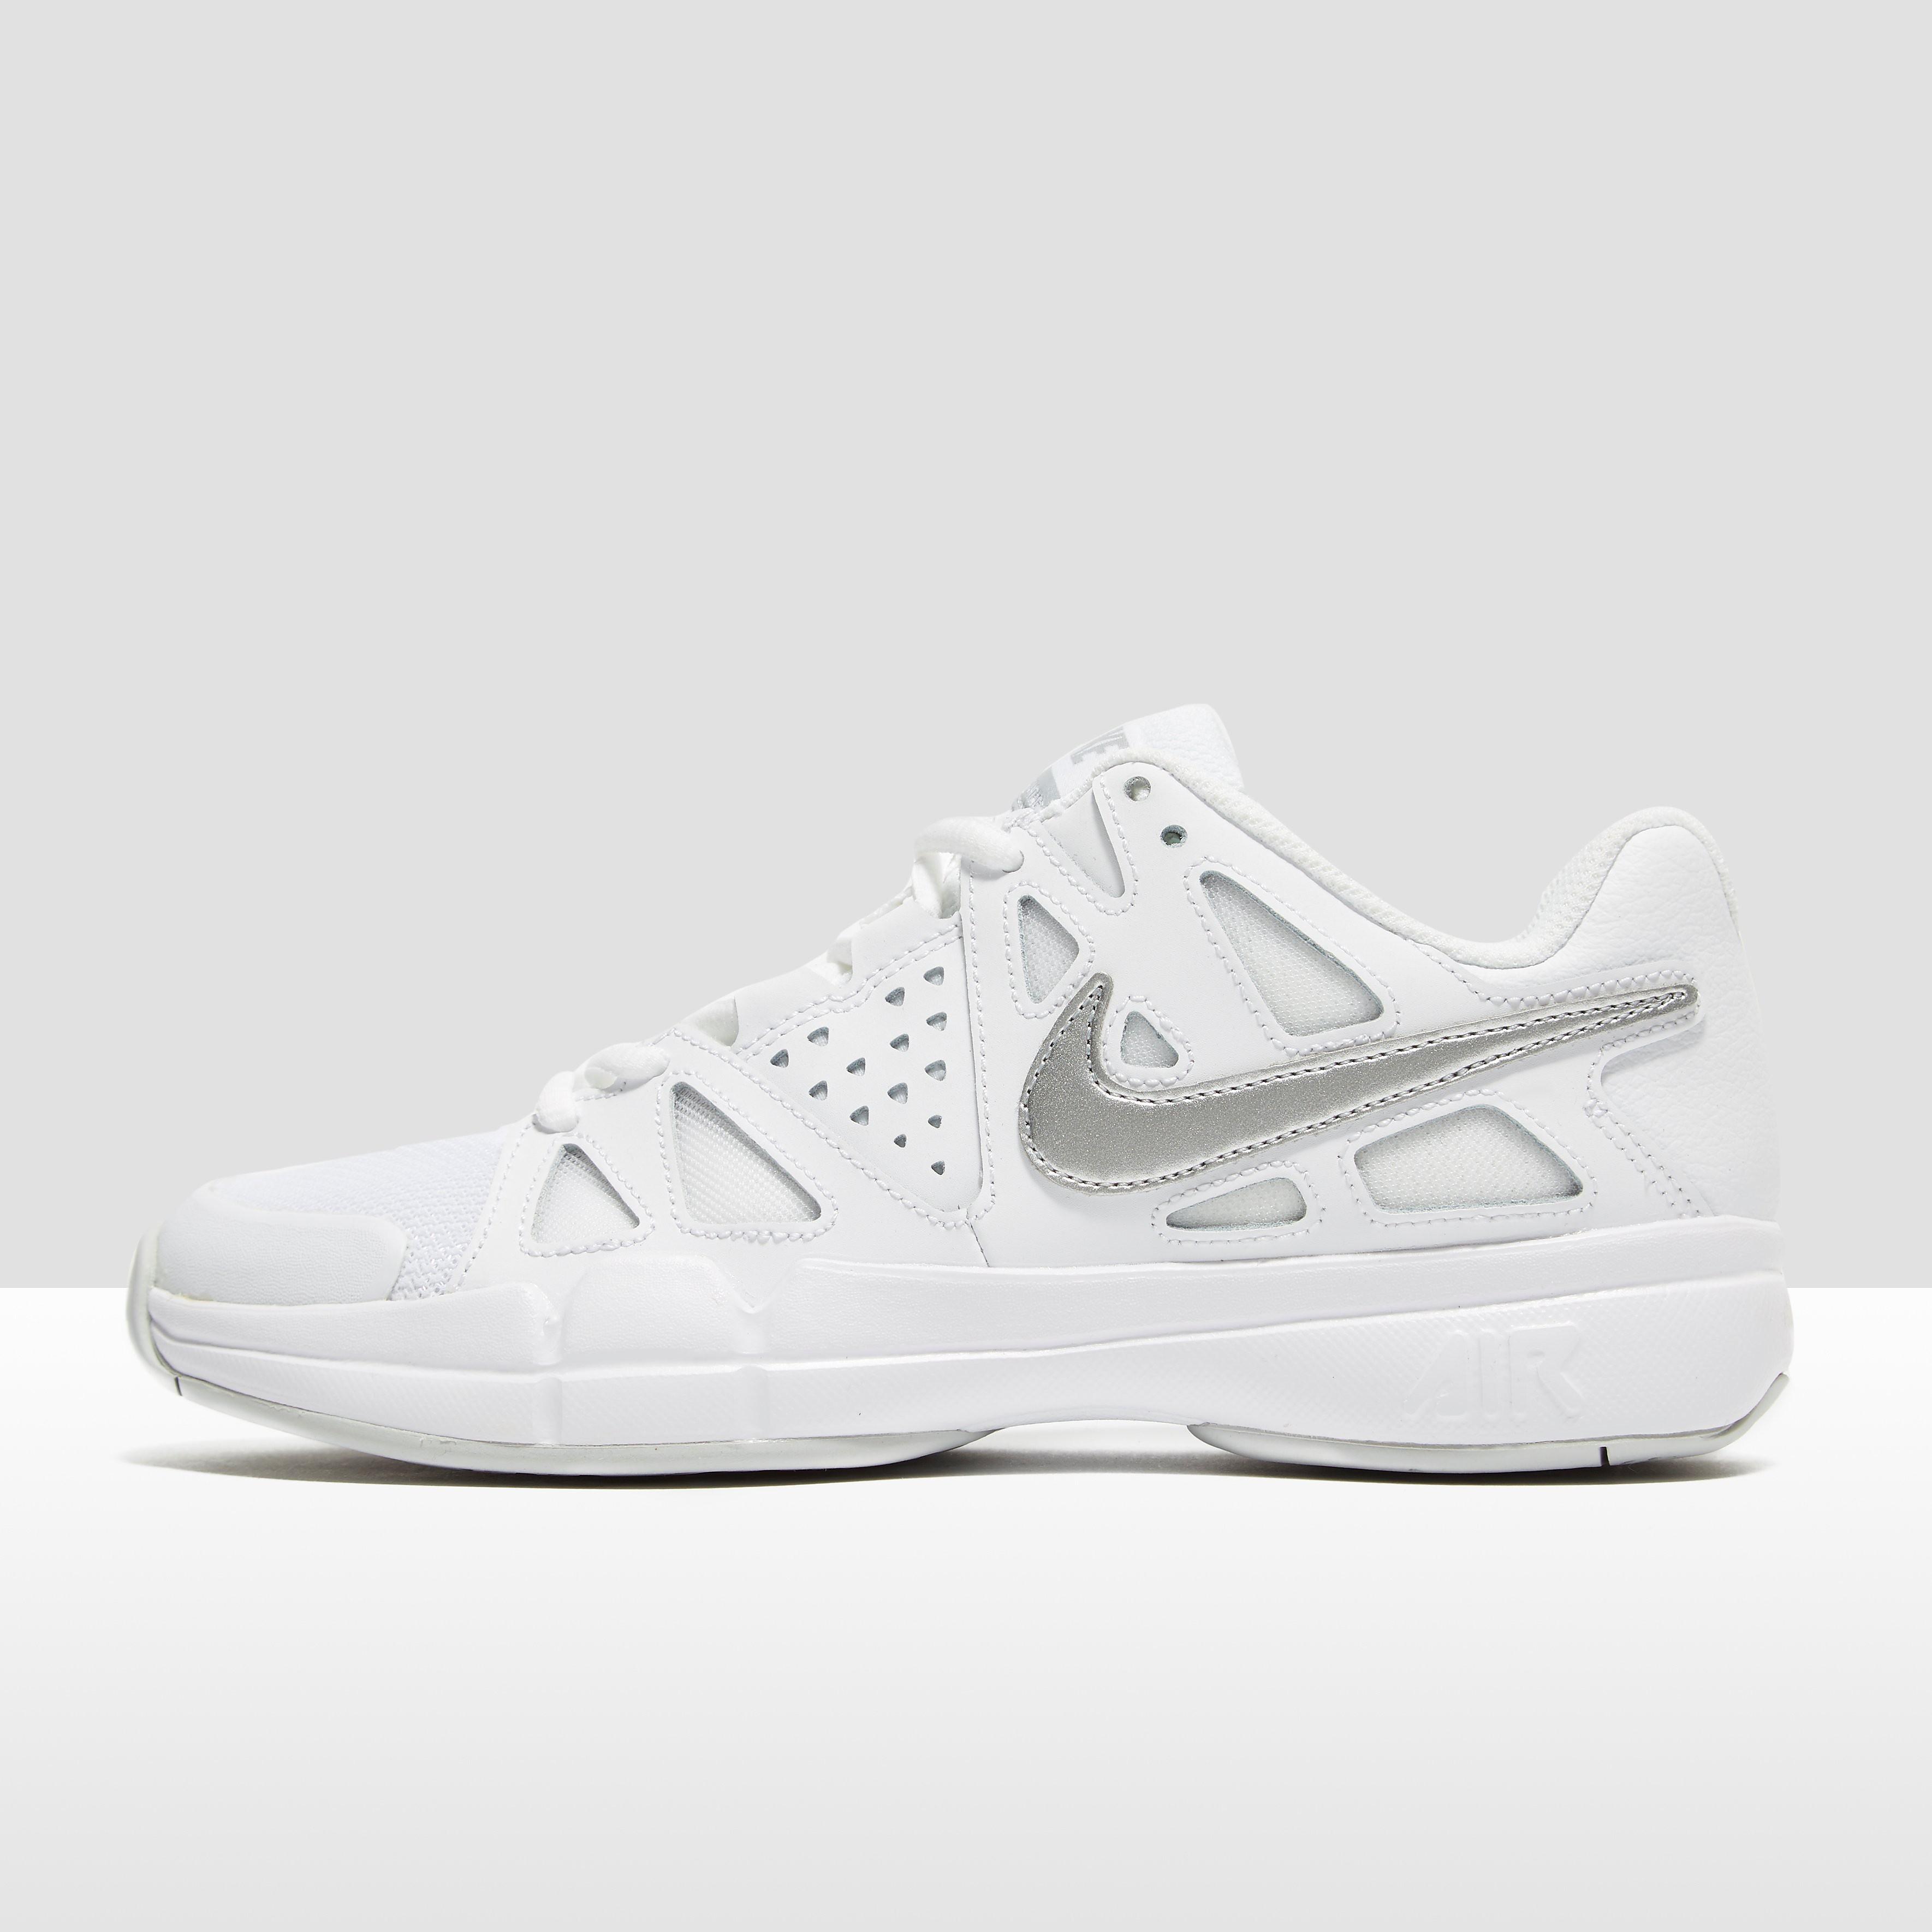 Nike AIR VAPOR ADVANTAGE MEN'S TENNIS SHOES